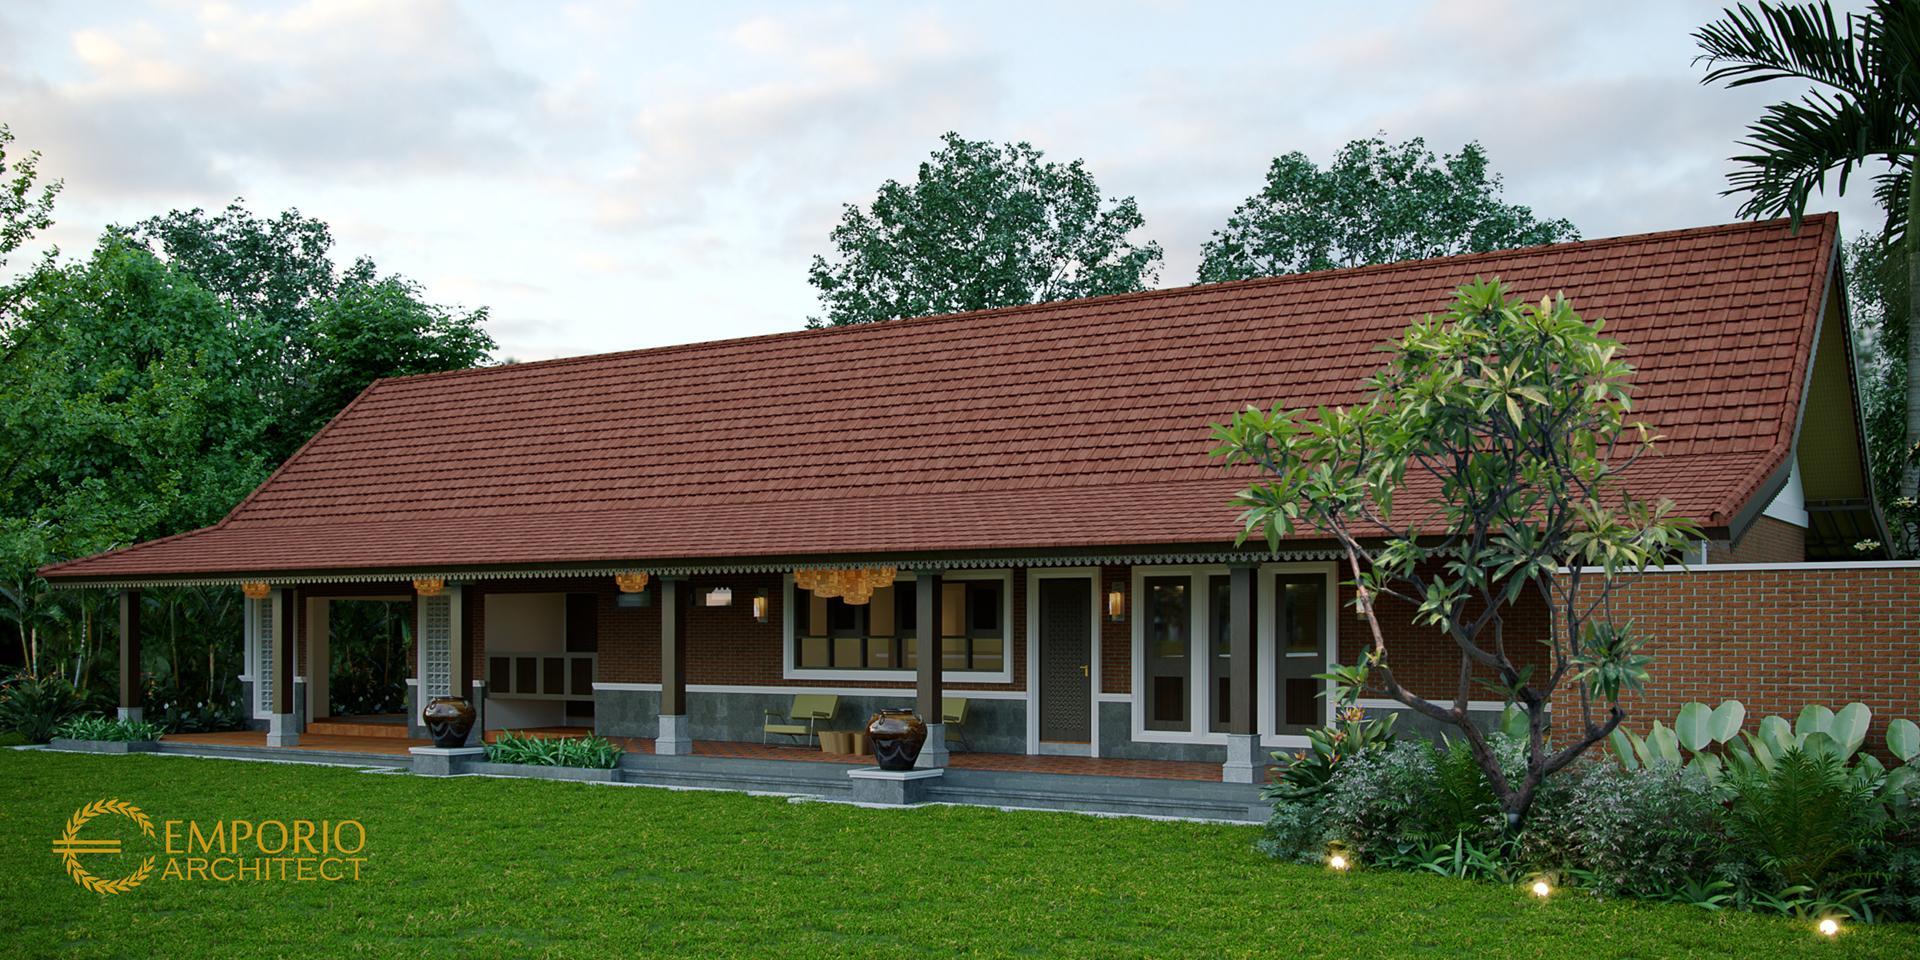 Desain Rumah Unik 1 Lantai Ibu Linda Di Banyuwangi Jawa Timur